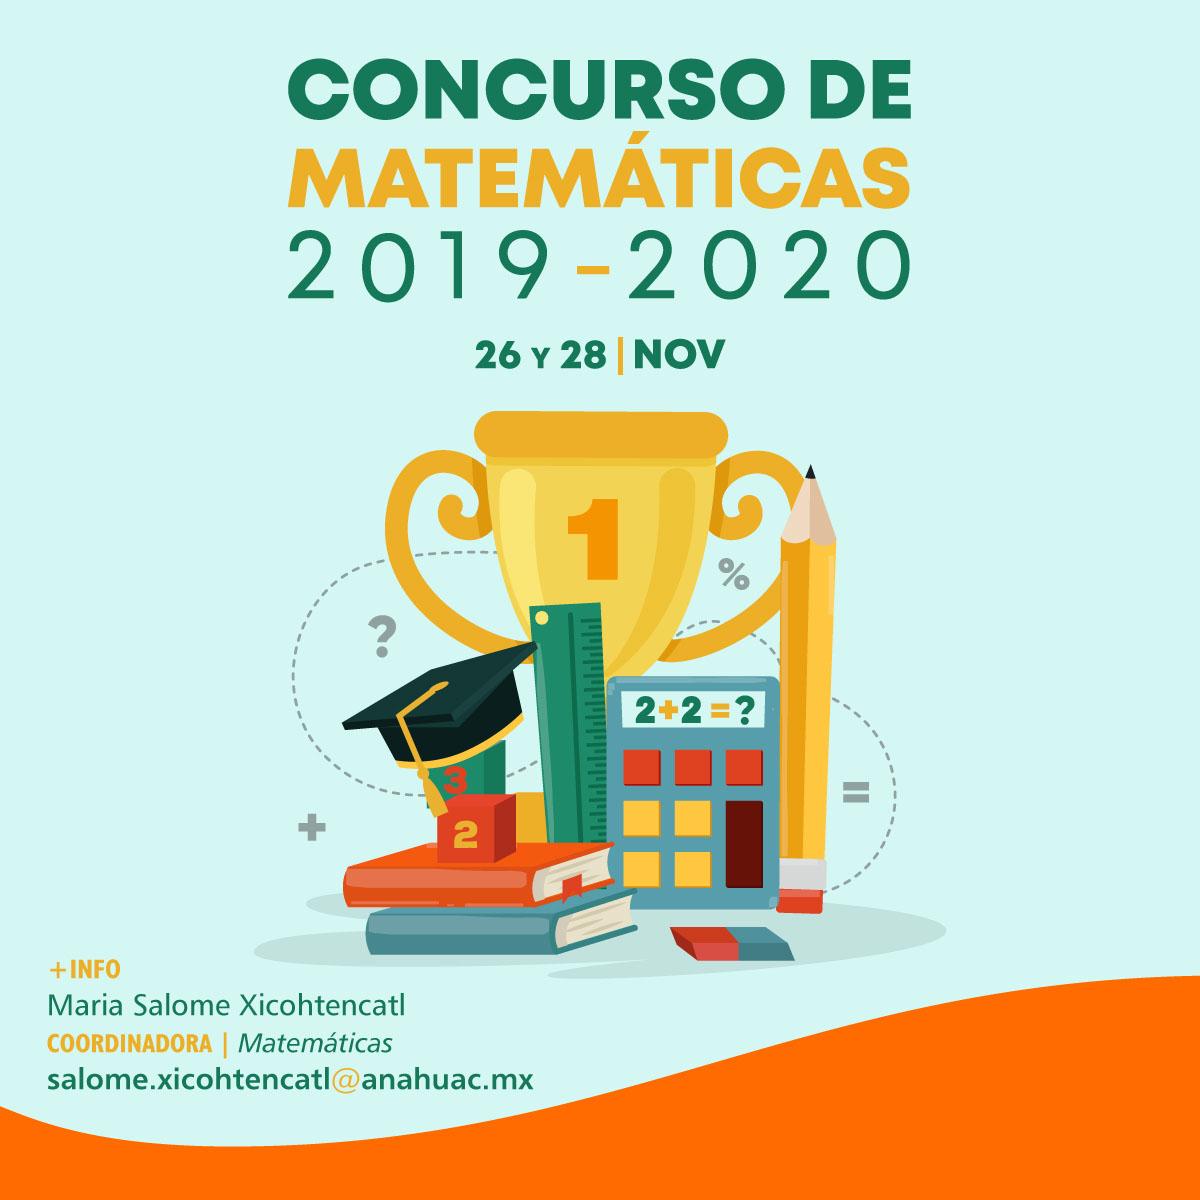 Concurso de Matemáticas Prepa Anáhuac 2019-2020